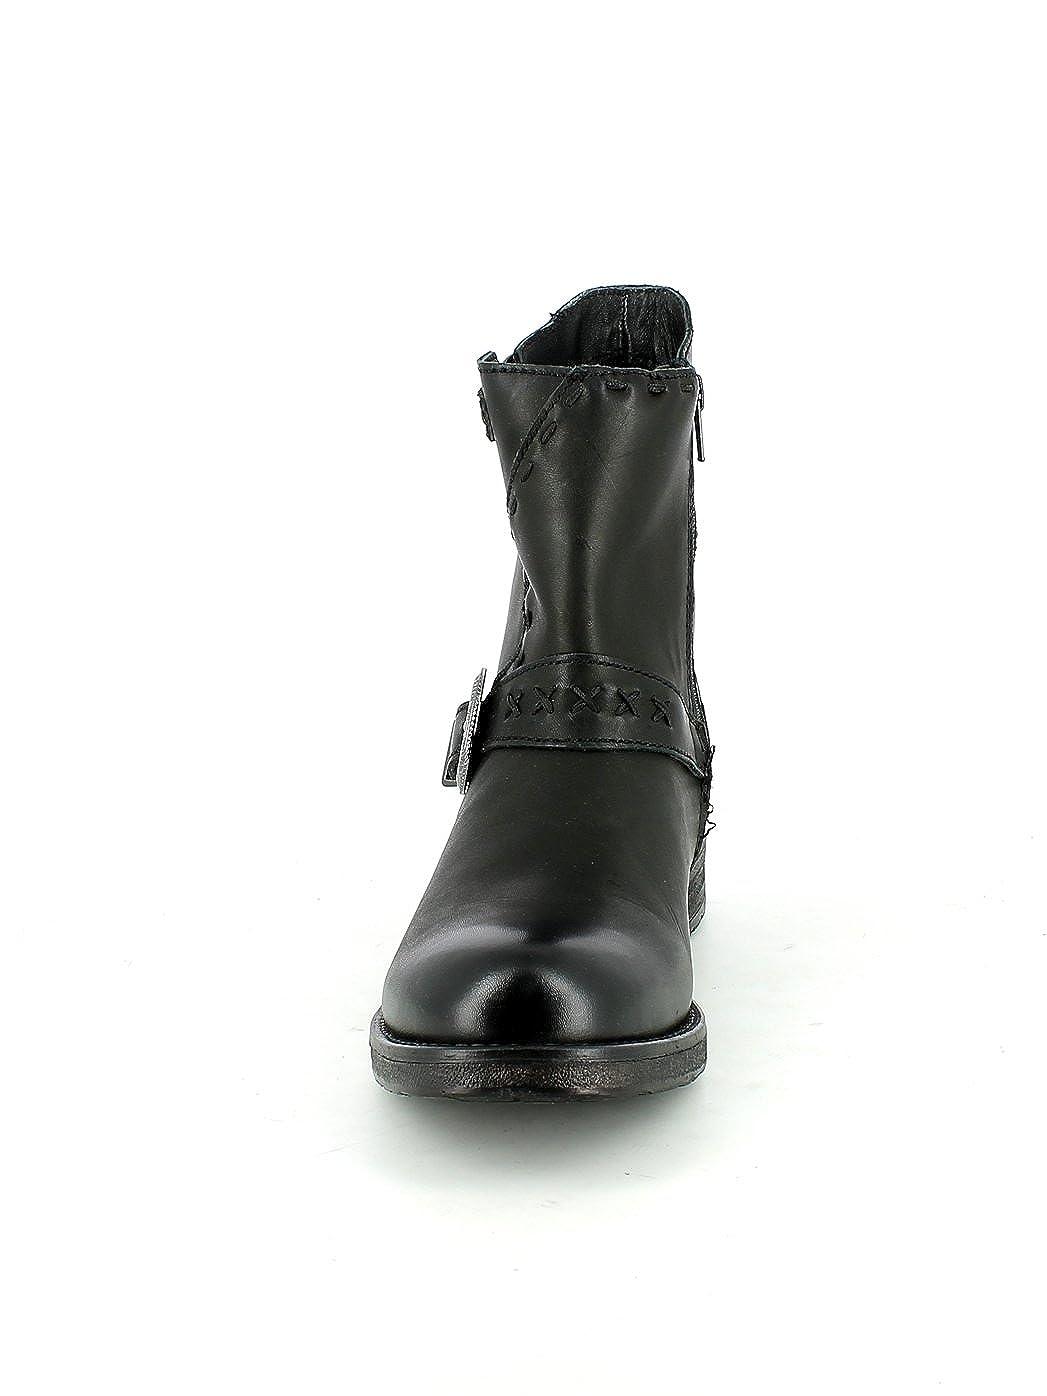 Cuir Noir Homme Femme Inuovo Bottes En qxqPZ6Cw